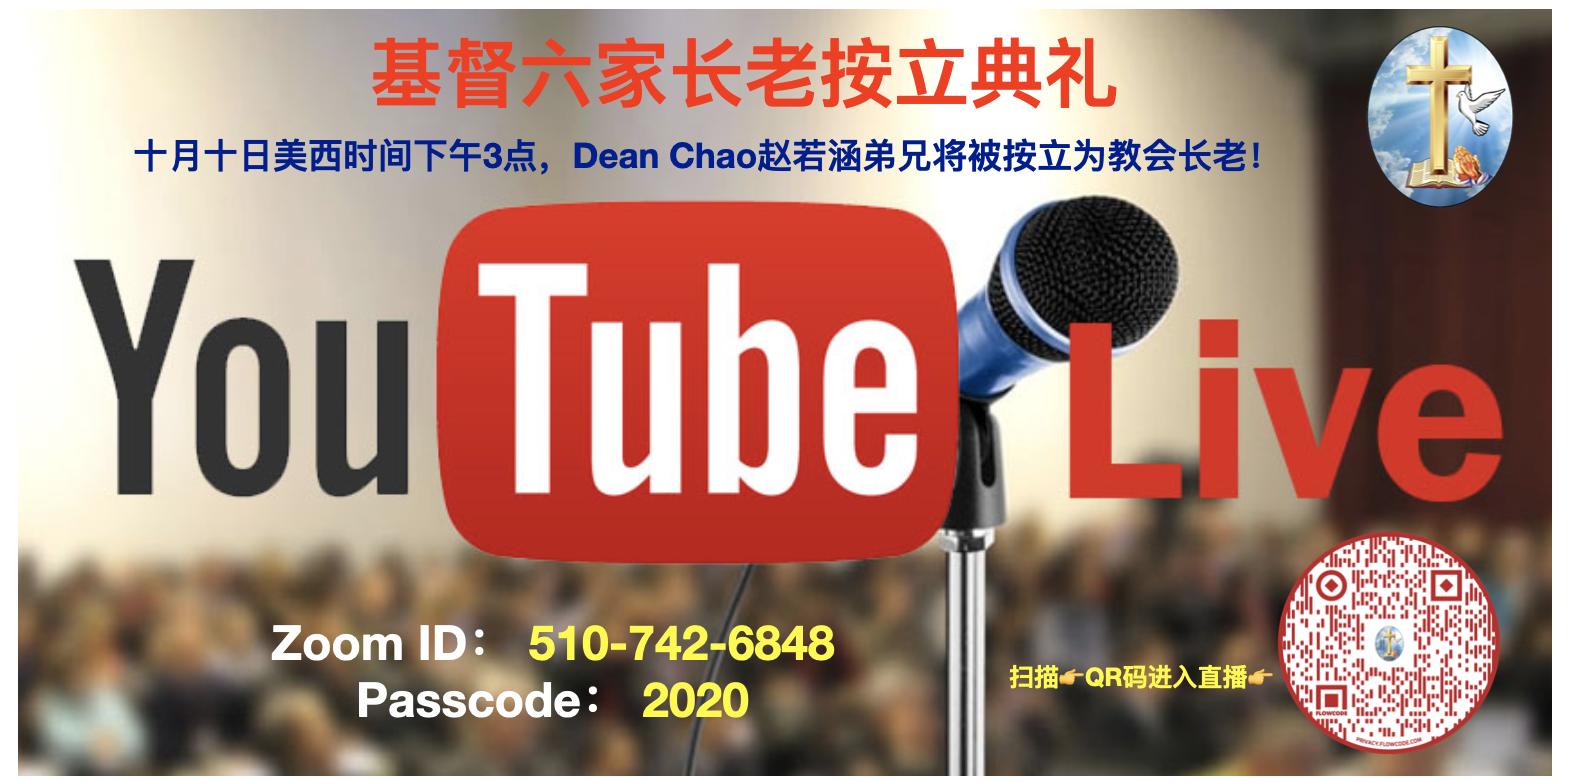 Dean Chao(趙若涵)弟兄按立長老典禮